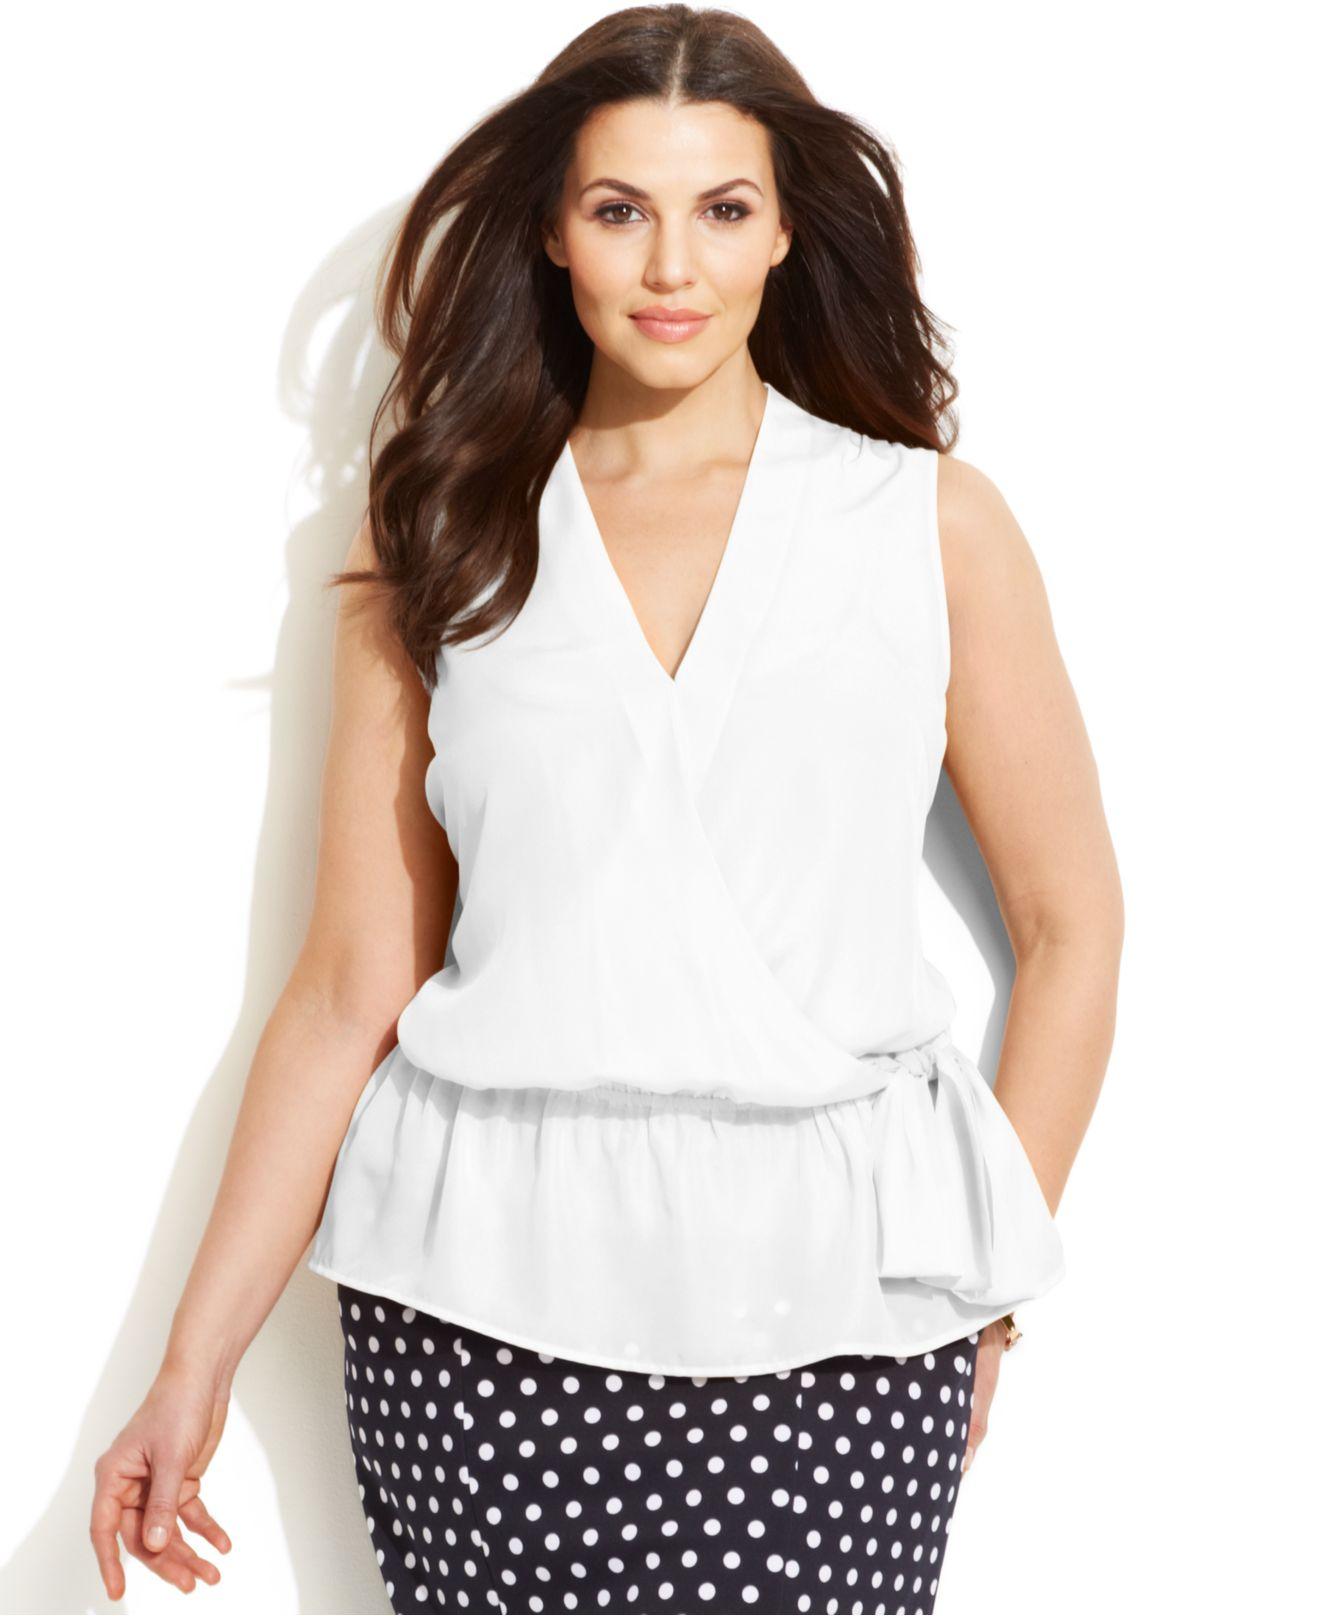 b6e70b9a839 Lyst - Michael Kors Michael Plus Size Faux-Wrap Blouse in White